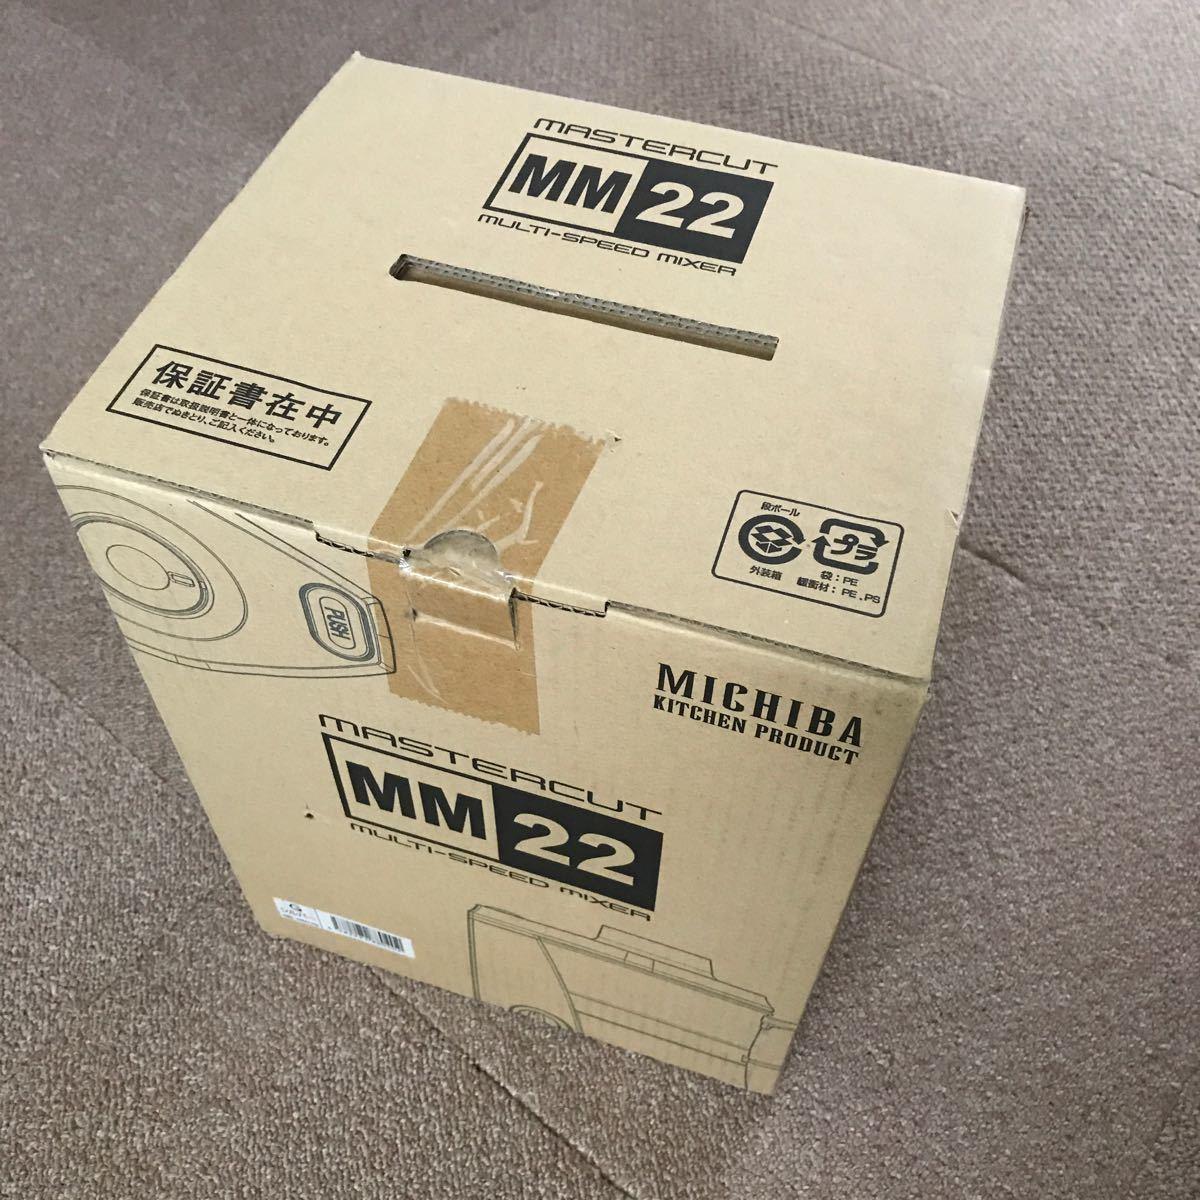 山本電気 MICHIBA KITCHEN PRODUCT フードプロセッサー